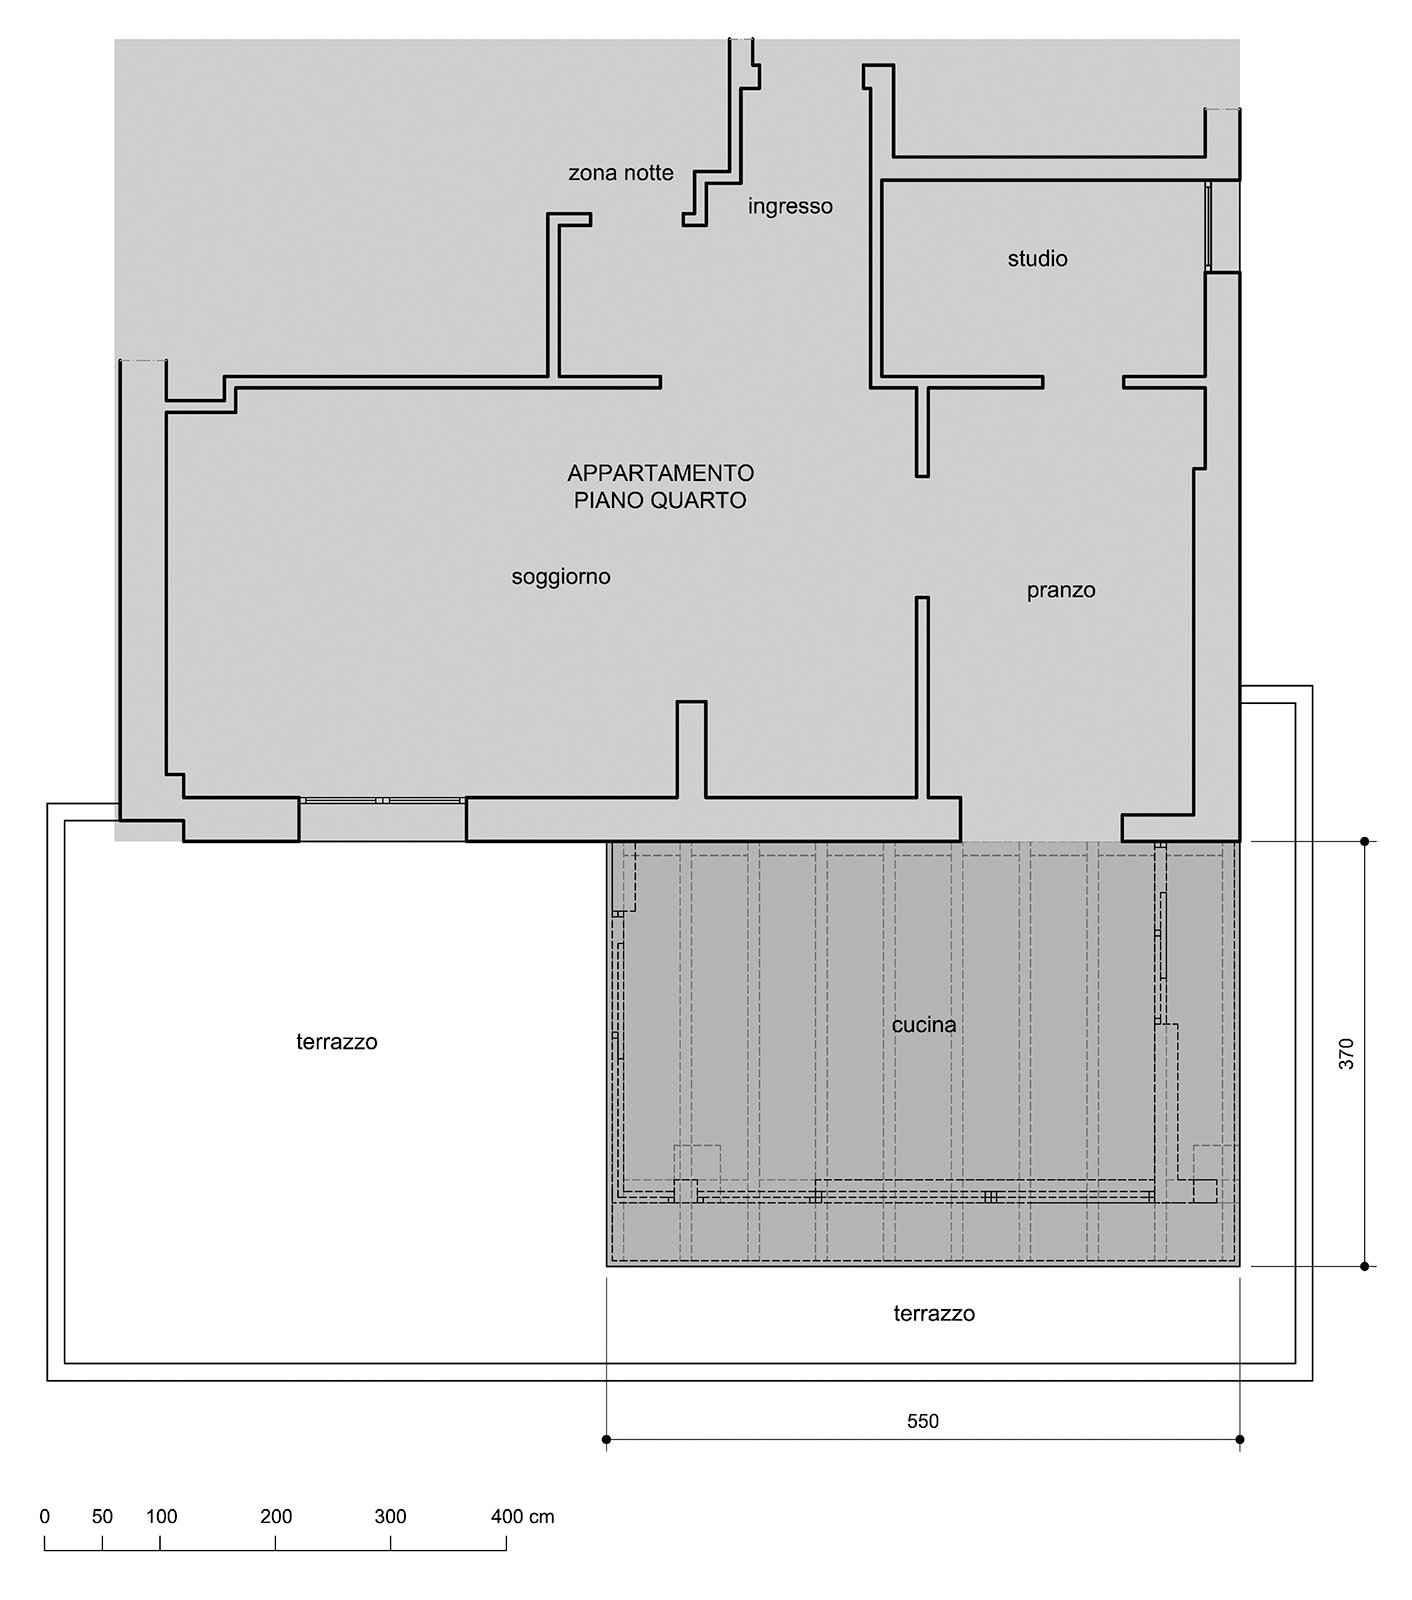 ... Immobiliare: Spostare la cucina sul terrazzo sfruttando il Piano casa